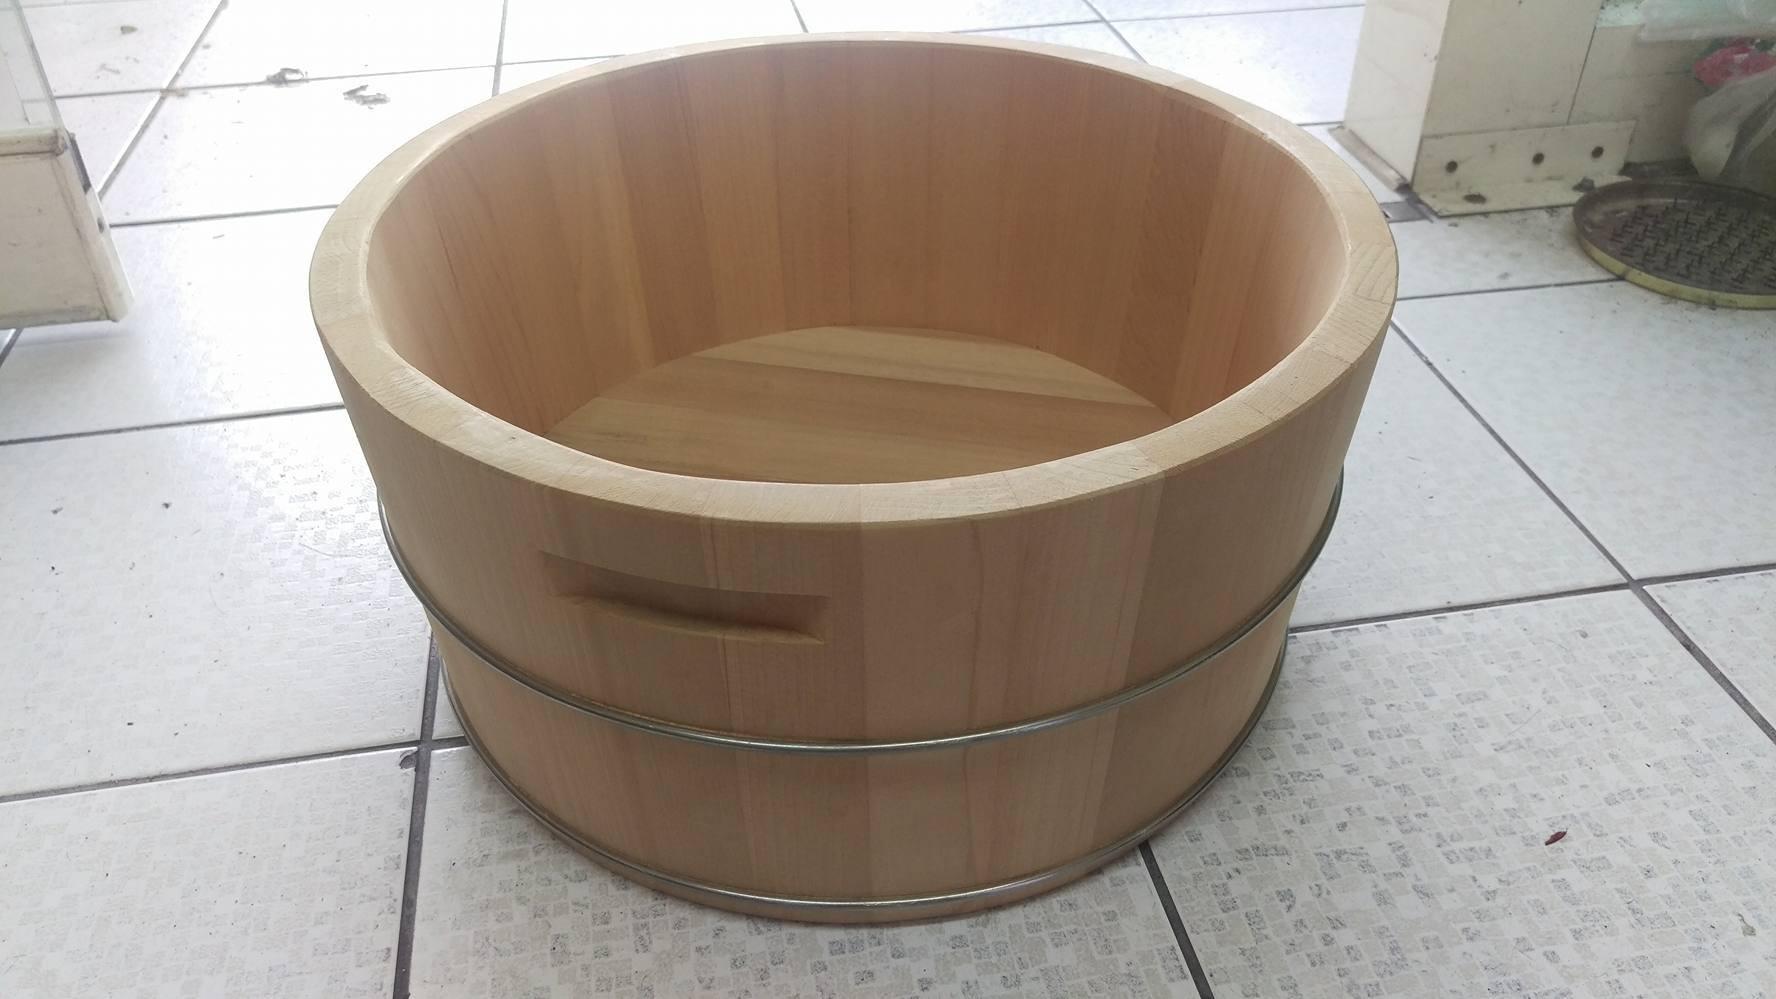 泡腳幫助血液循環 檜木泡腳桶24公分高)台灣第一領導品牌-雅典木桶 木浴缸、方形木桶、泡腳桶、蒸腳桶、蒸氣烤箱